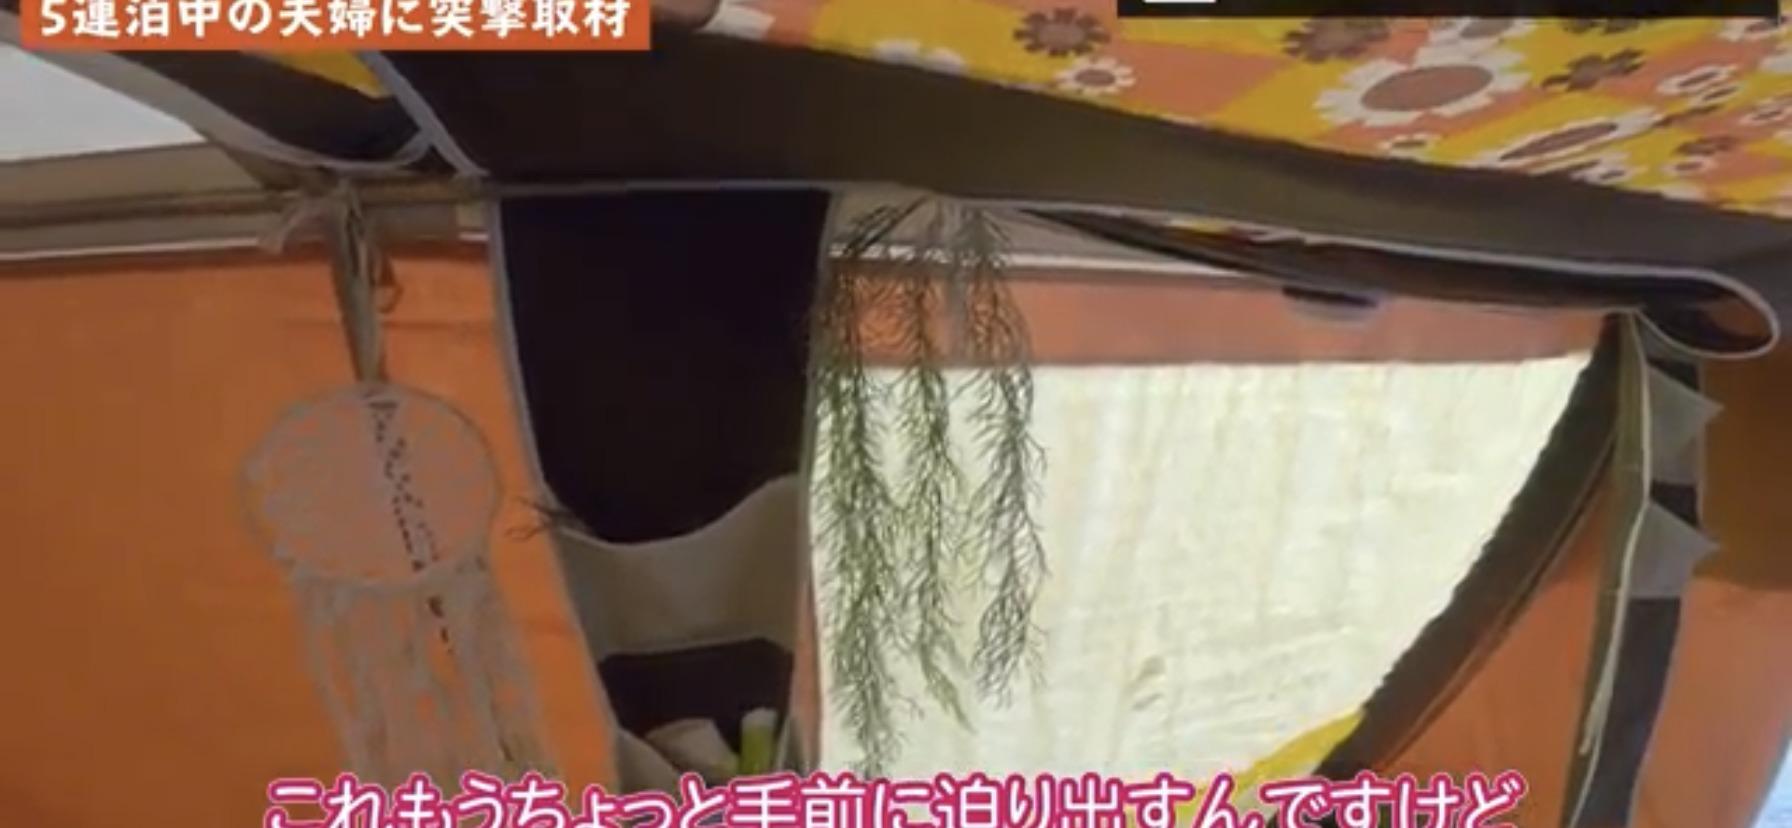 【アンドレジャメ】 ロッジテント フランス